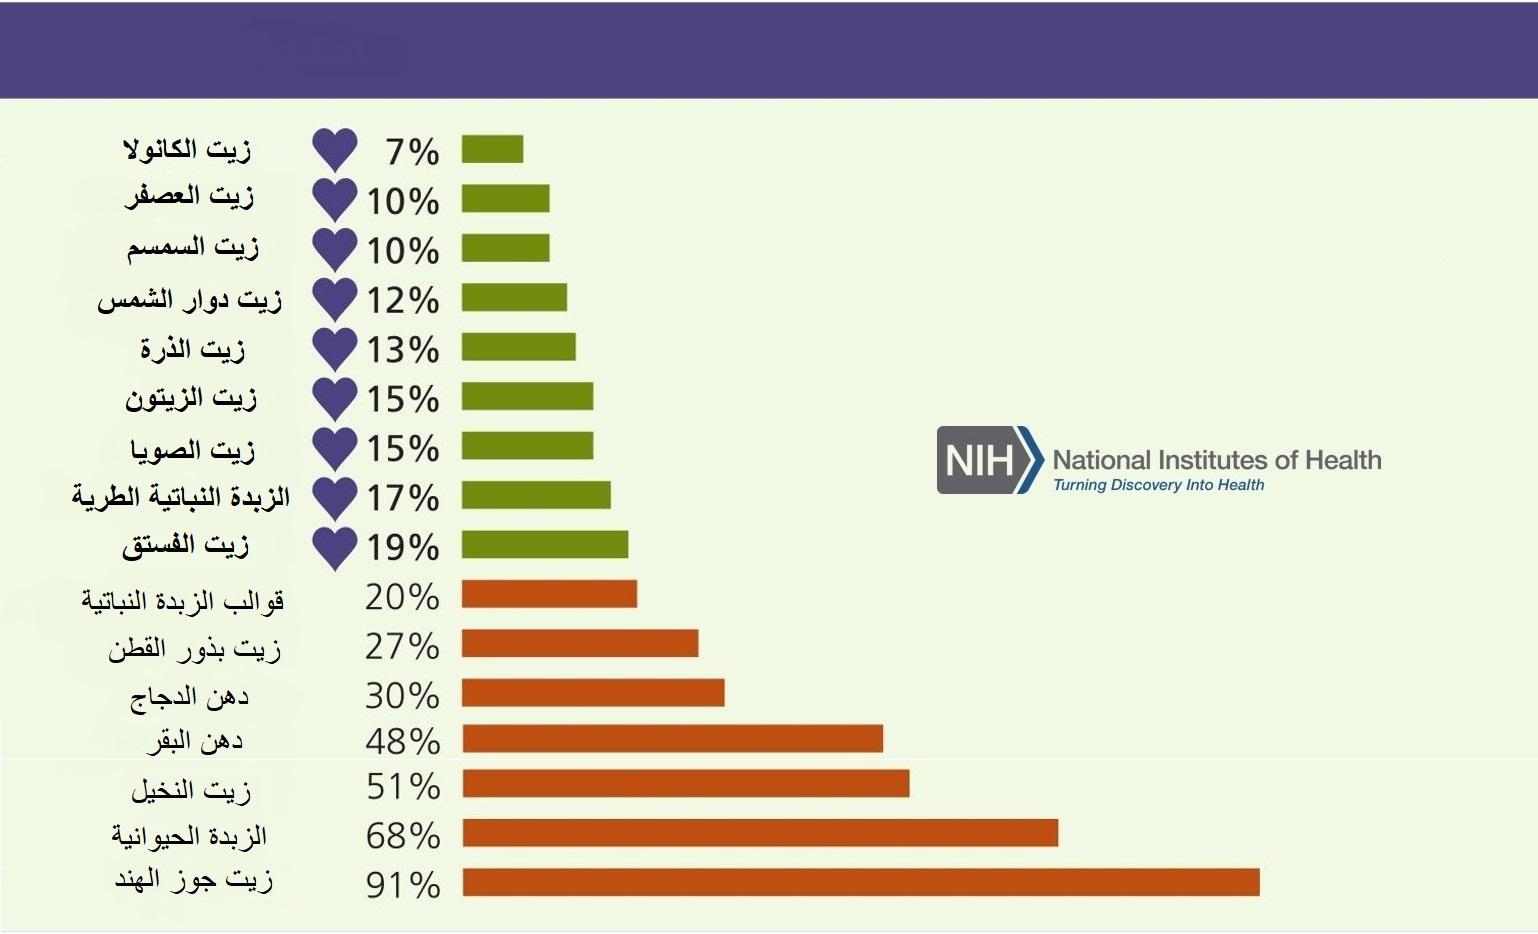 نسبة الدهون المشبعة في بعض الدهون و الزيوت, كلما قلت النسبة كلما كانت المادة اقل ضرر على صحة القلب و الأوعية الدموية